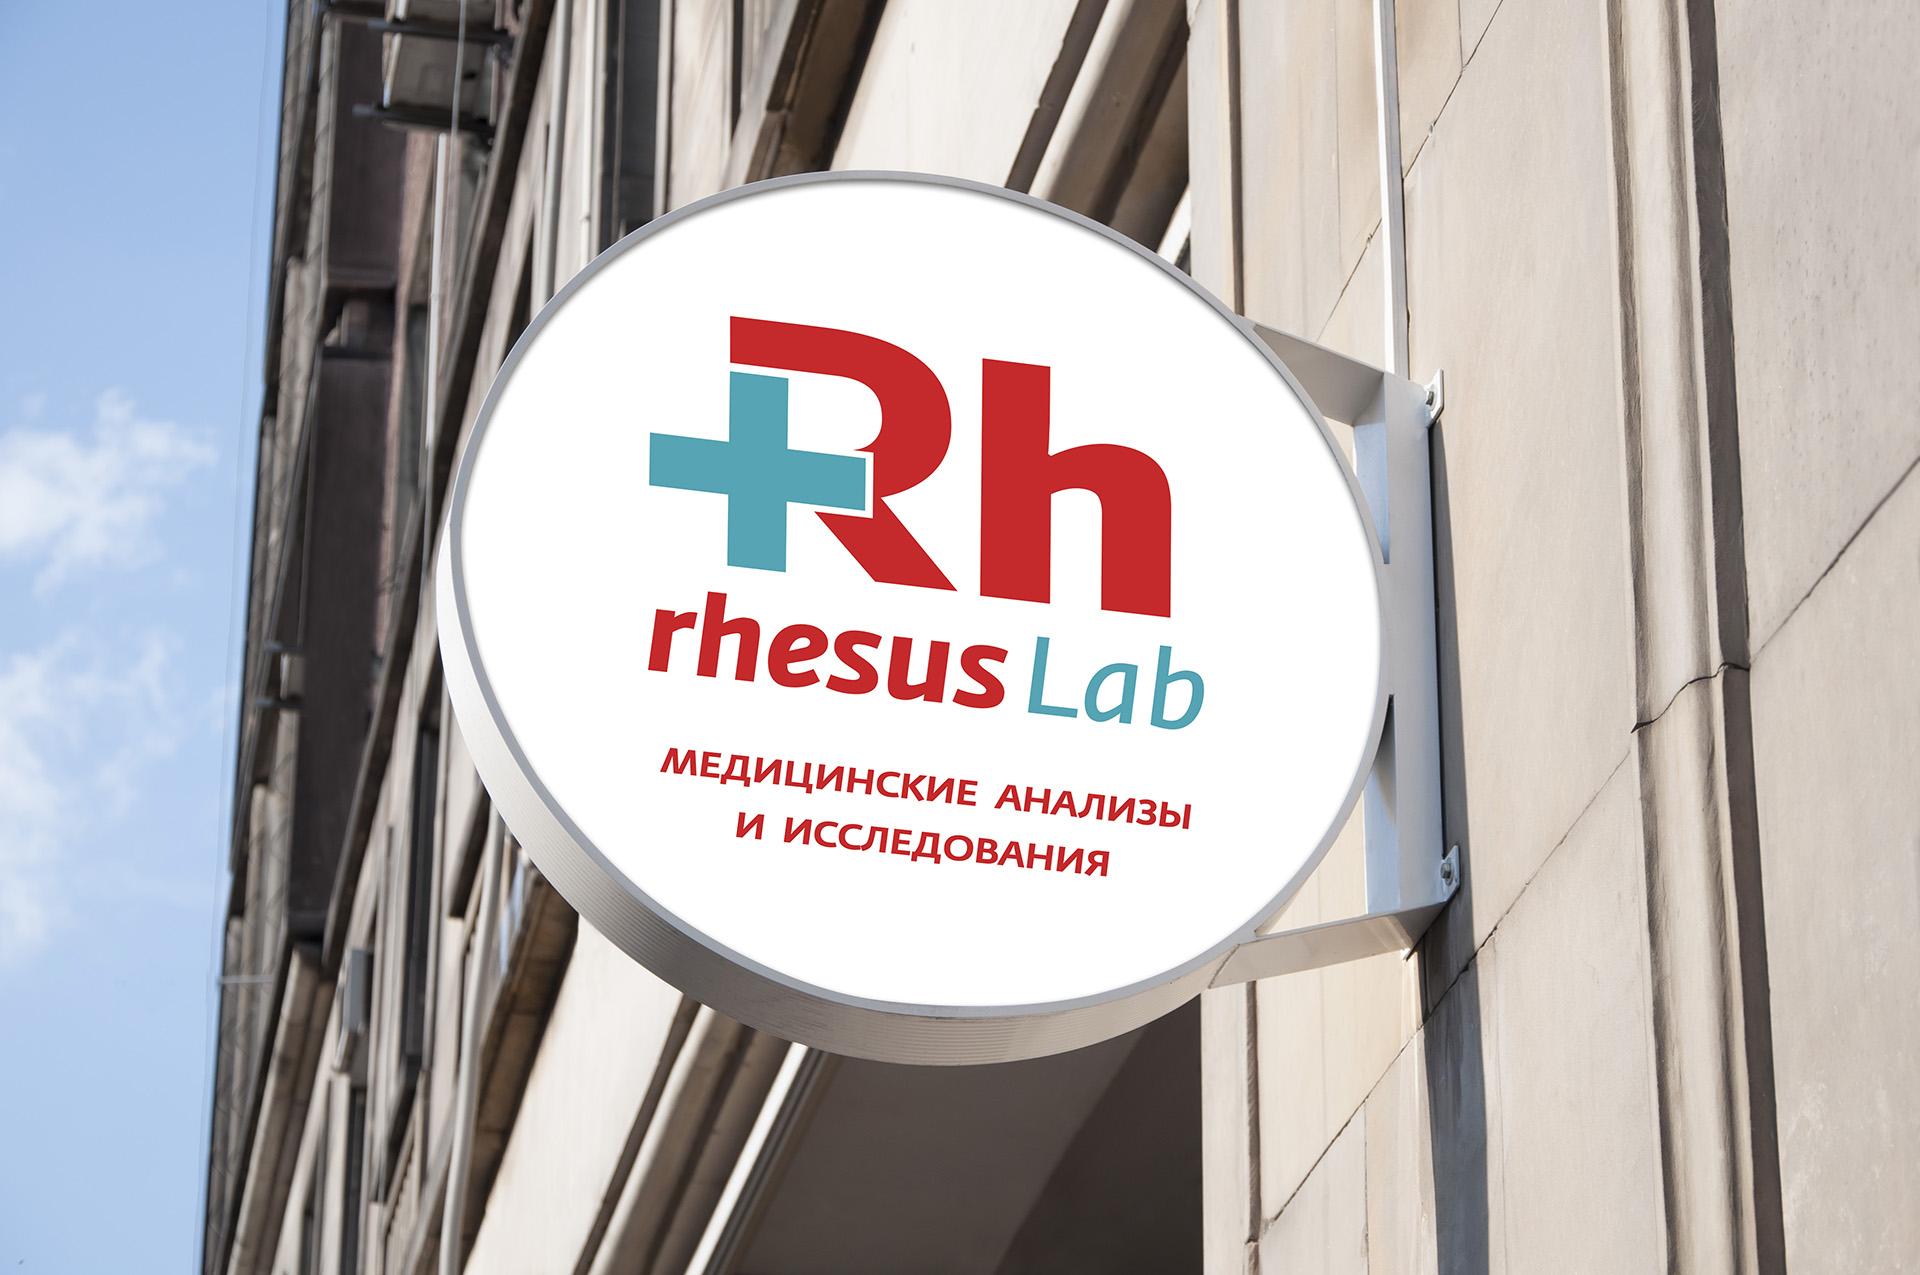 Resus Lab - лаборатория анализов design вывески